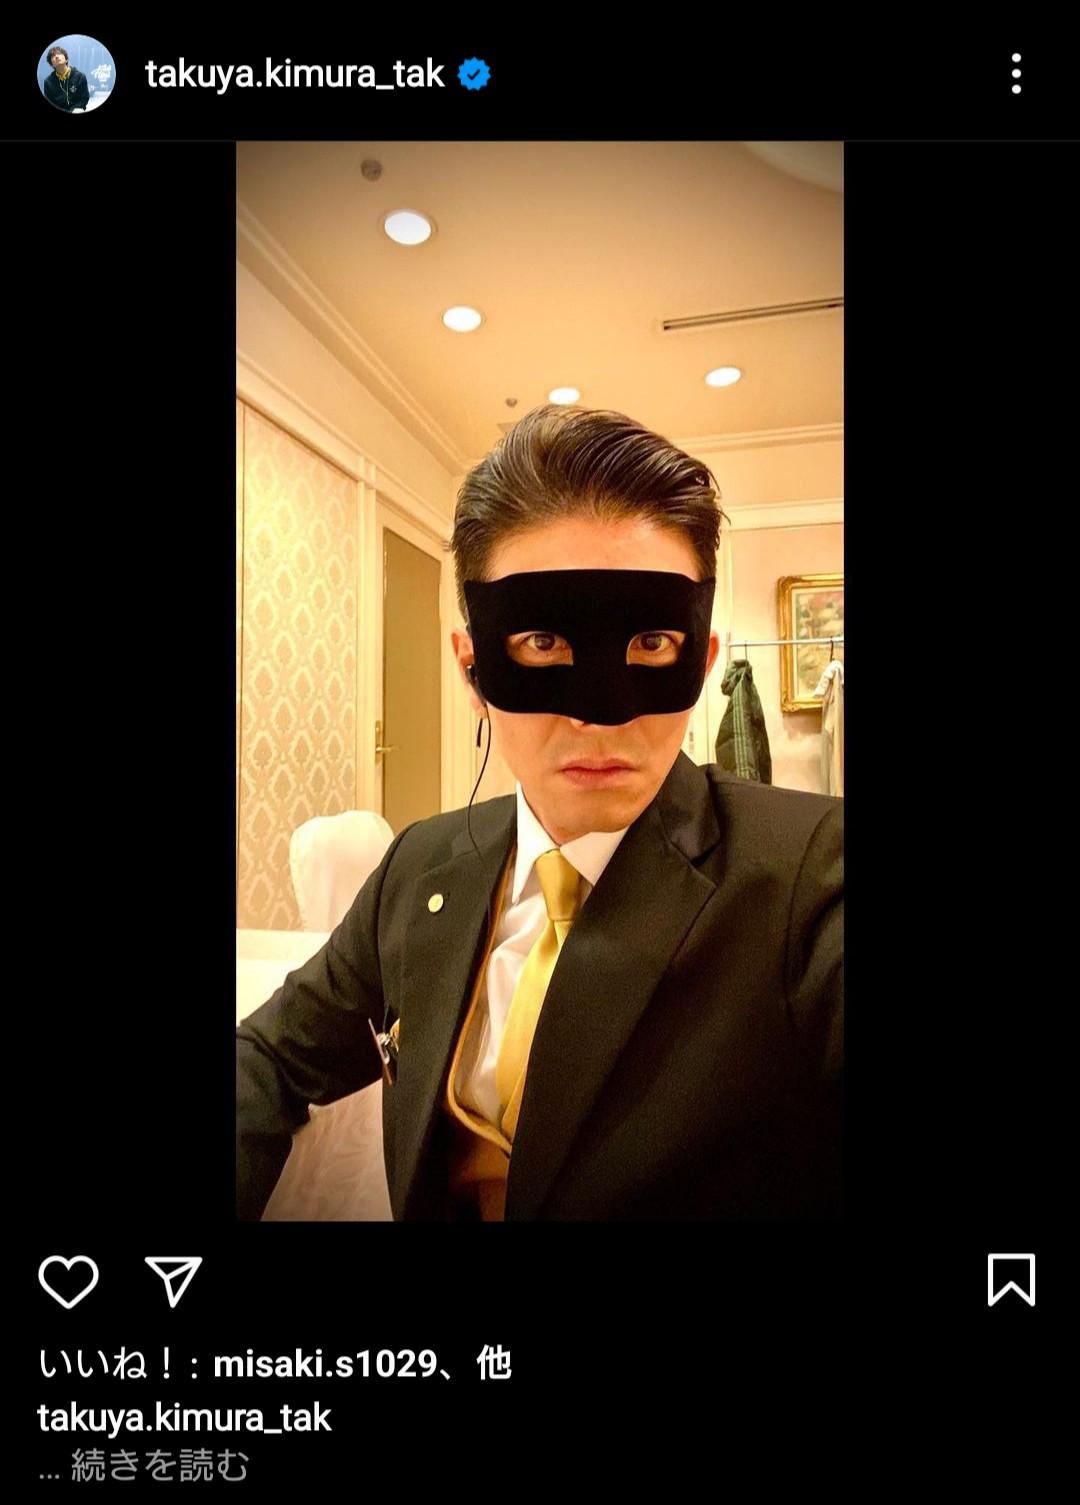 【画像】木村拓哉さん、かっこいいマスク姿に8万いいね